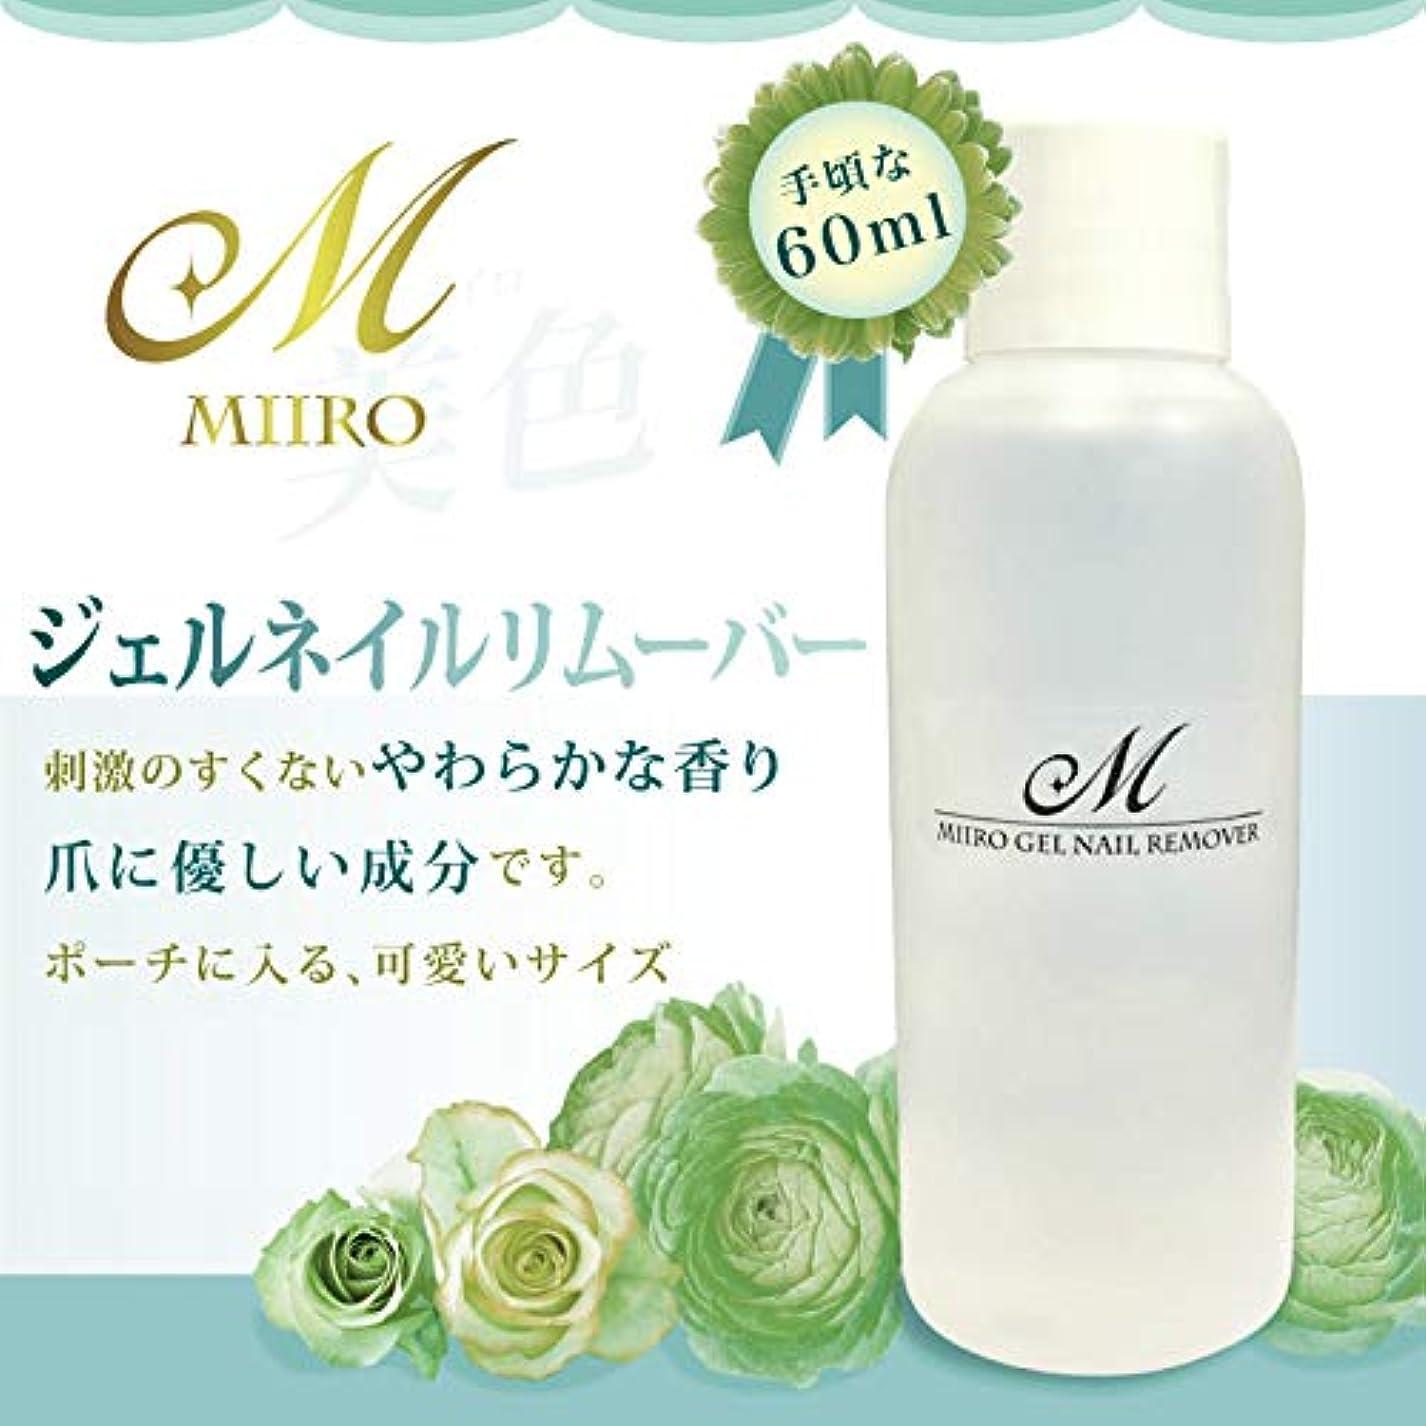 別に苗専門化するジェルネイルリムーバー 60ml 美色 Miiro (宅配便発送のみ)